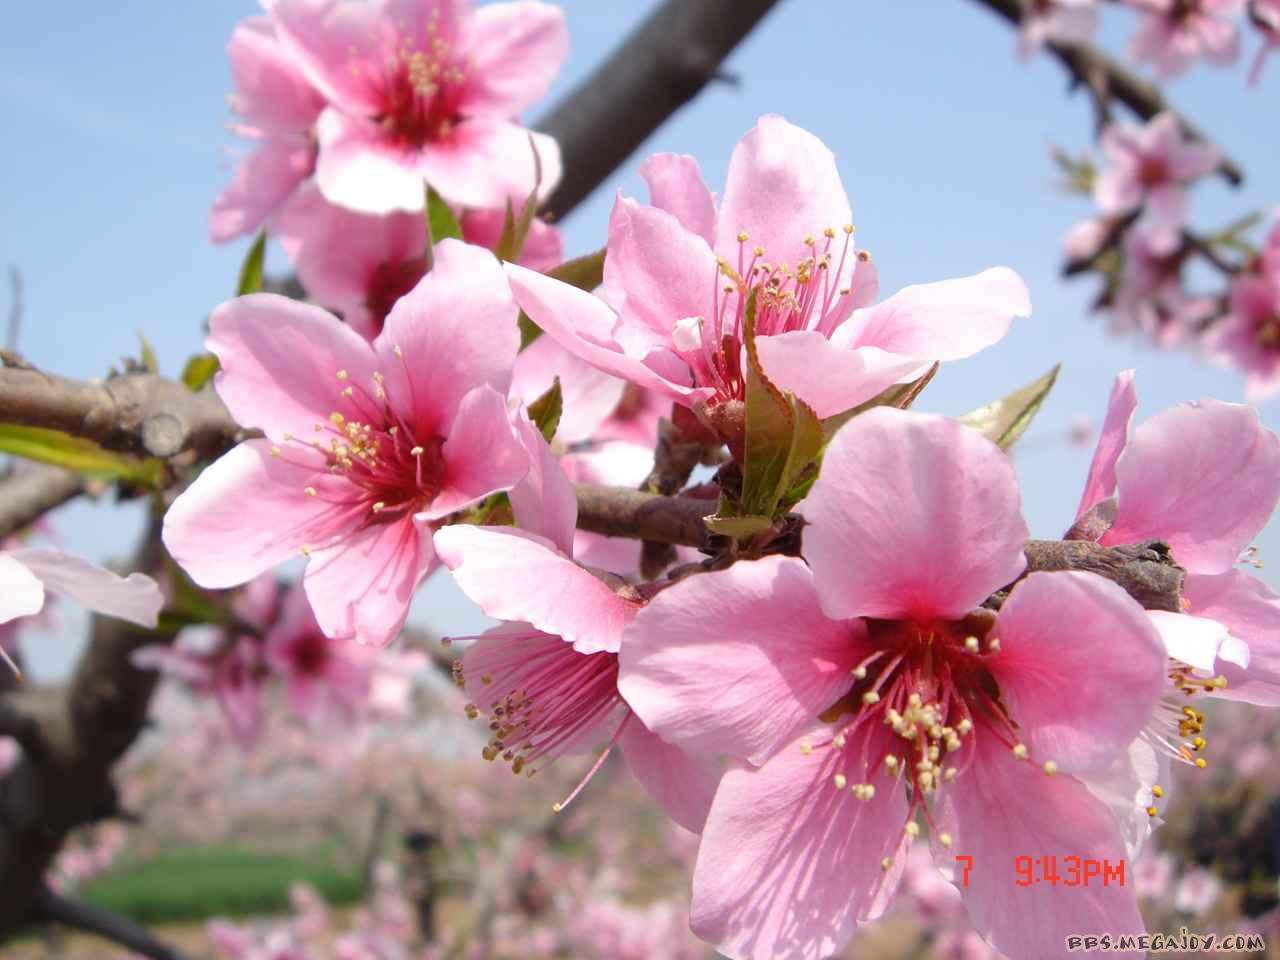 007]盛开的桃花大图可以做桌面-桃花壁纸图片